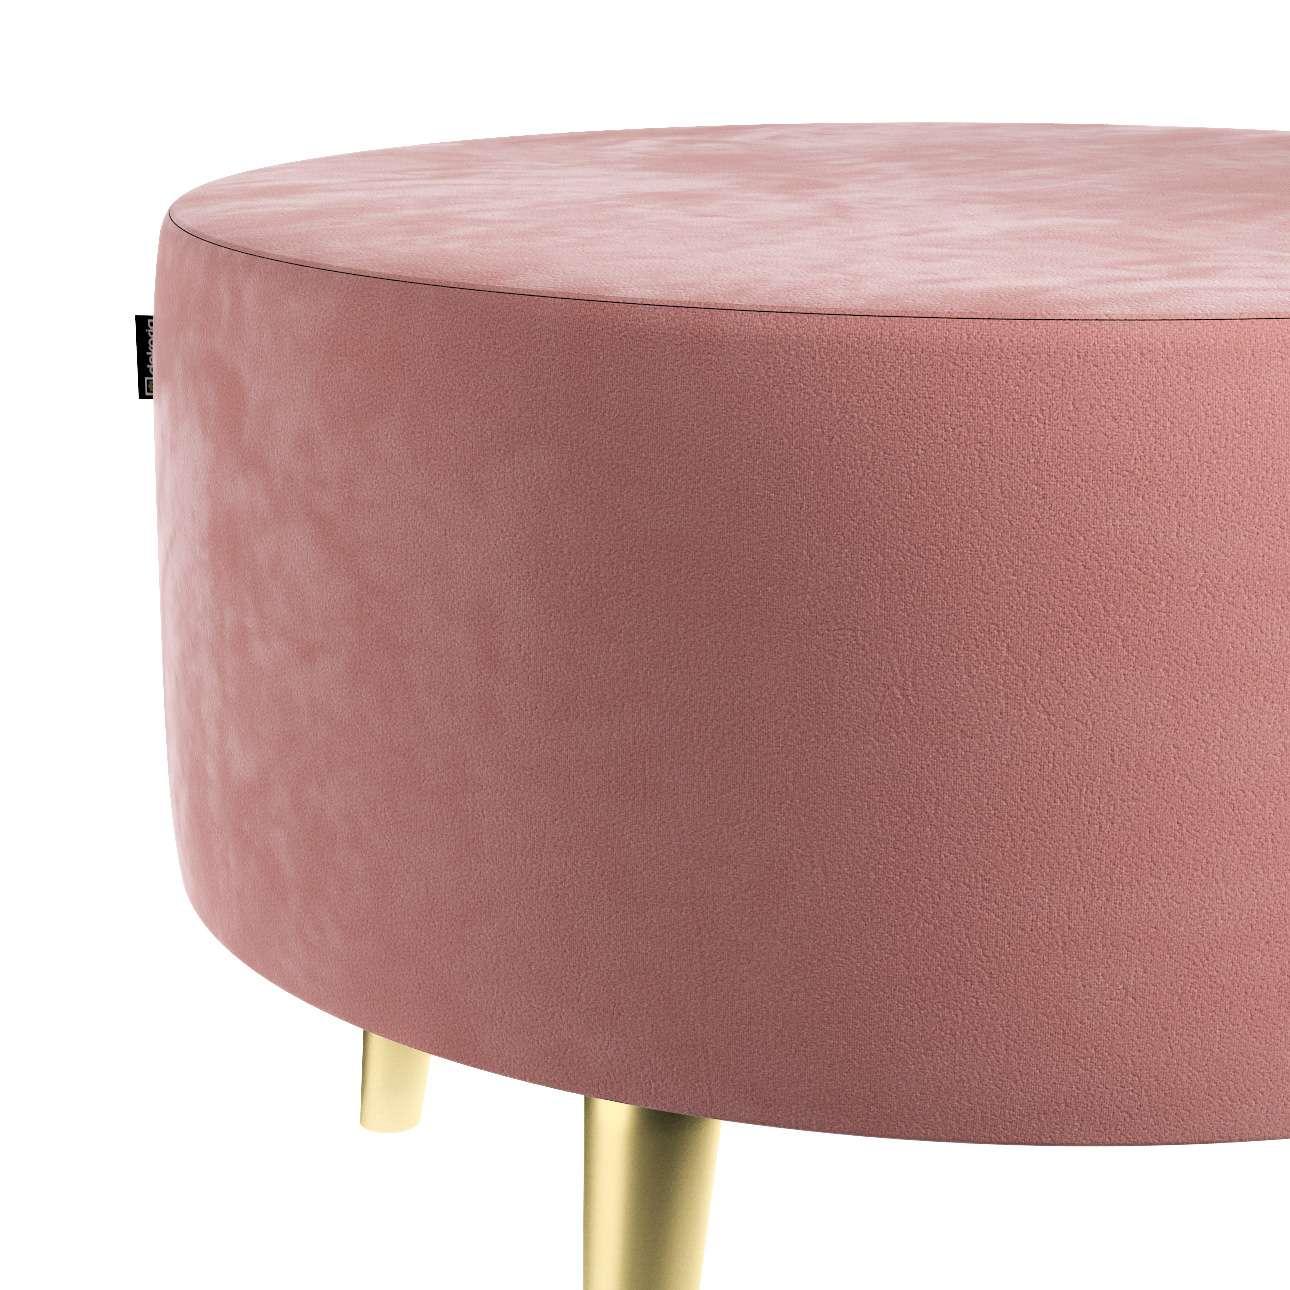 Podnóżek okrągły Velvet w kolekcji Velvet, tkanina: 704-30